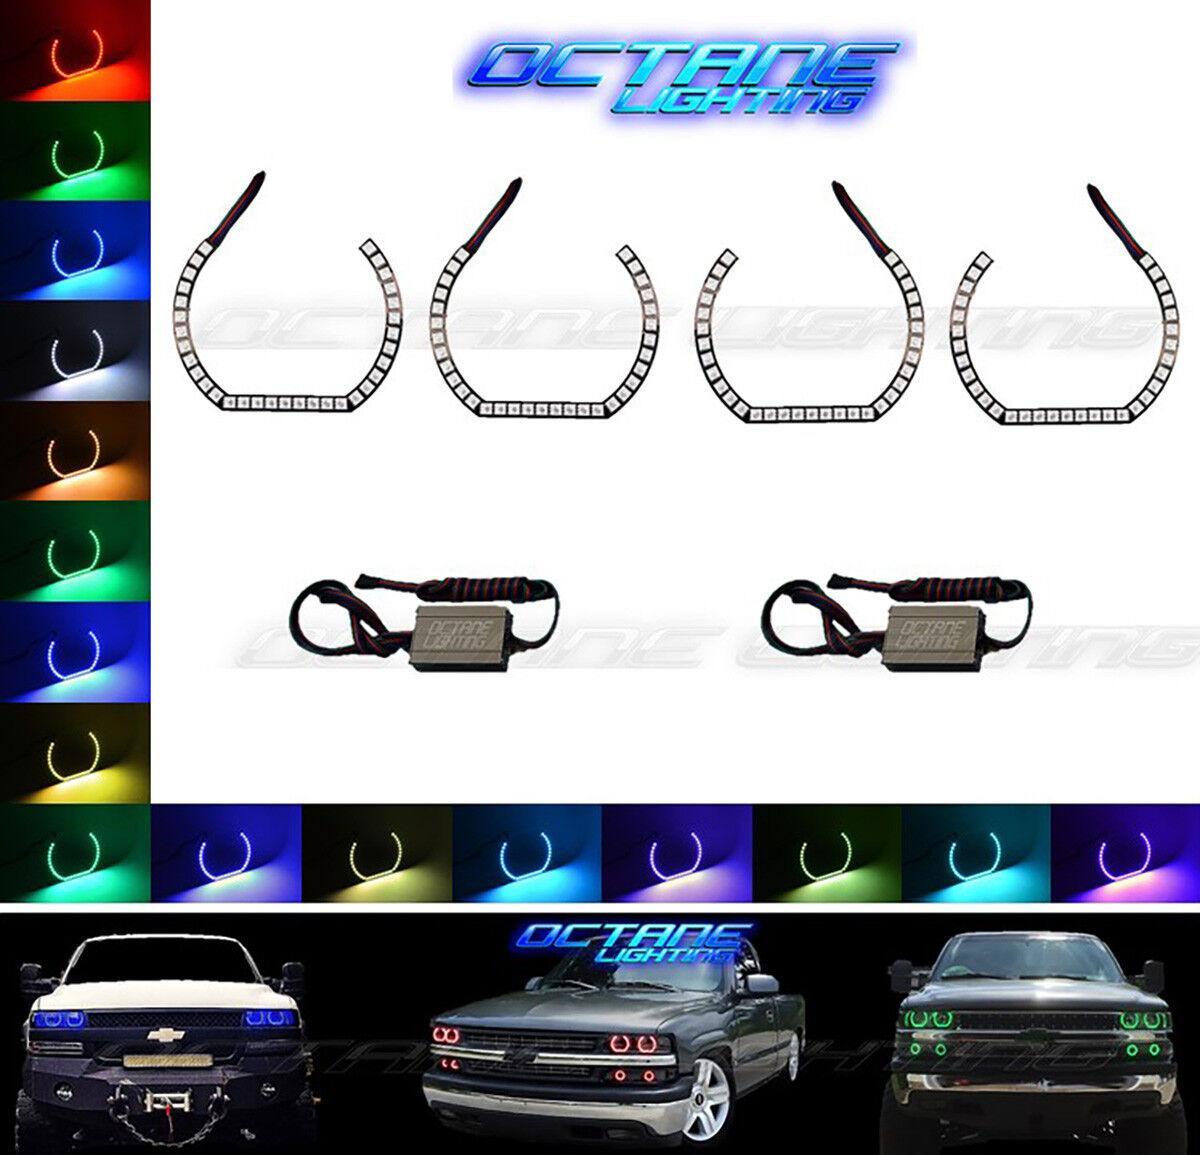 99-02 Chevy Silverado Multi-Color Changing Shift LED RGB Headlight ...